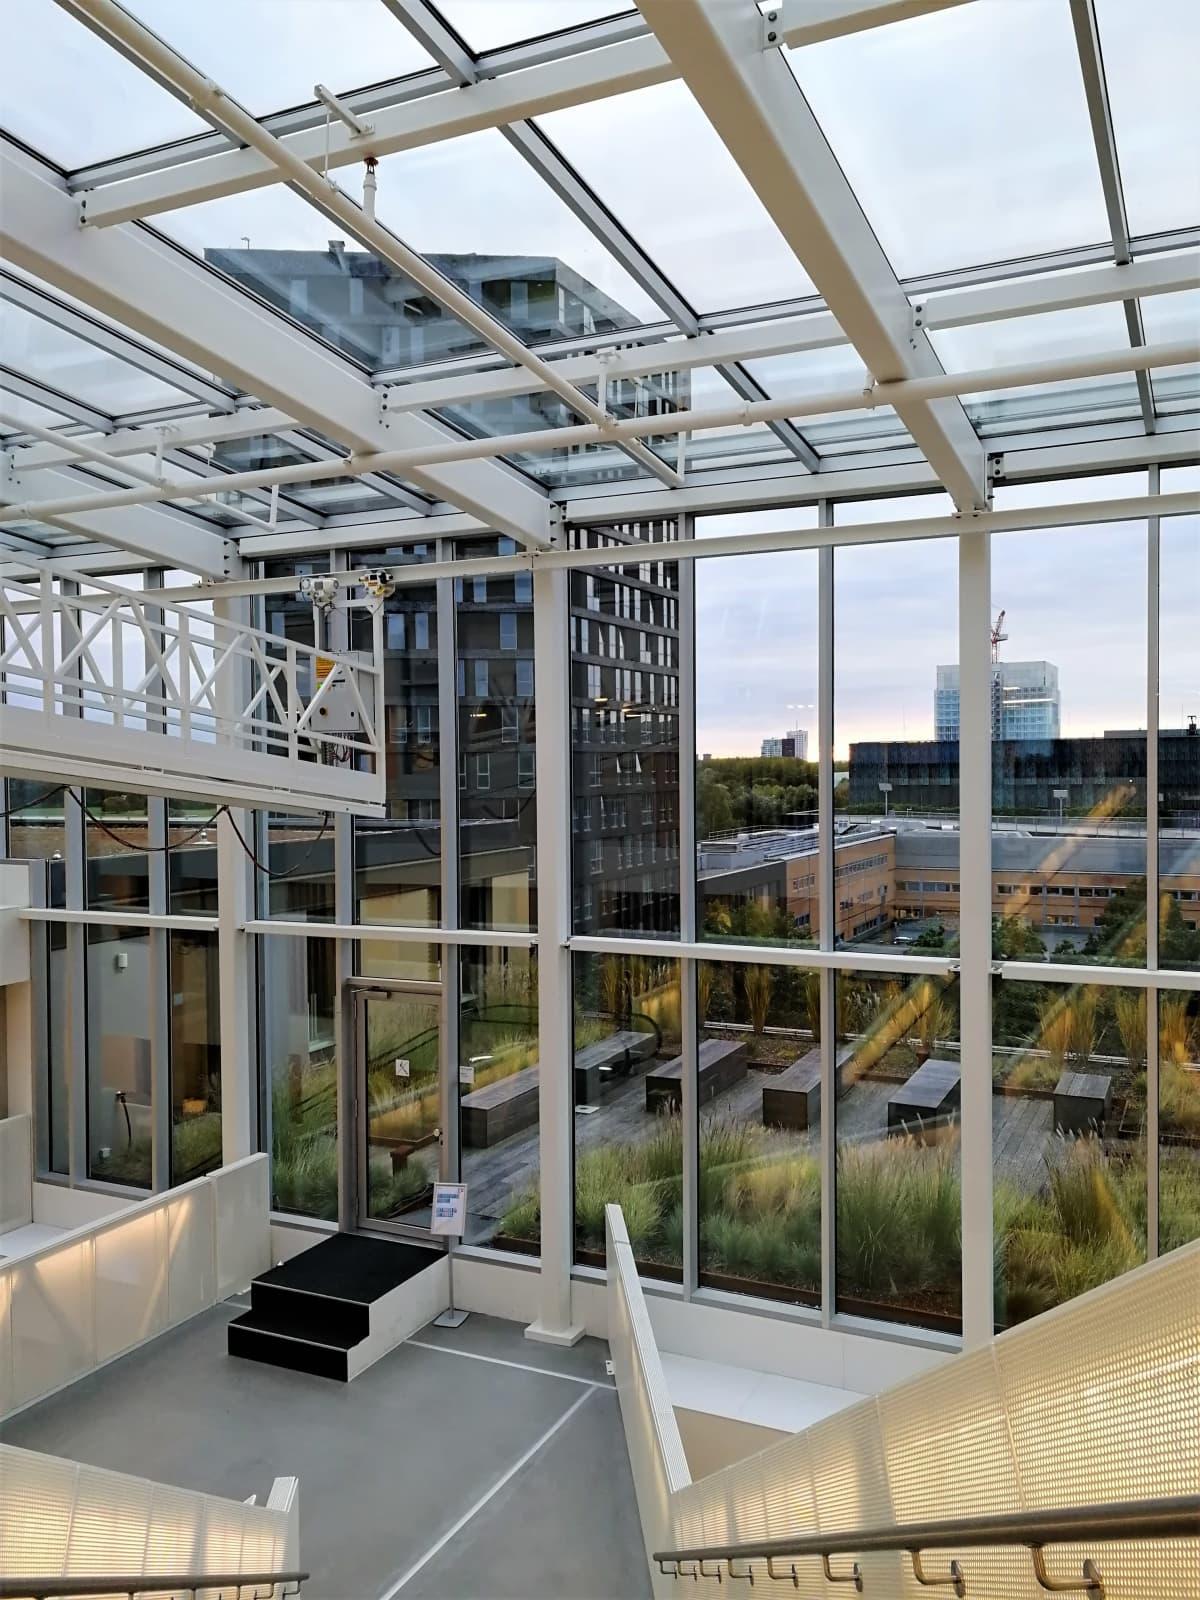 Utrechtin yliopiston Science Park -kampus.